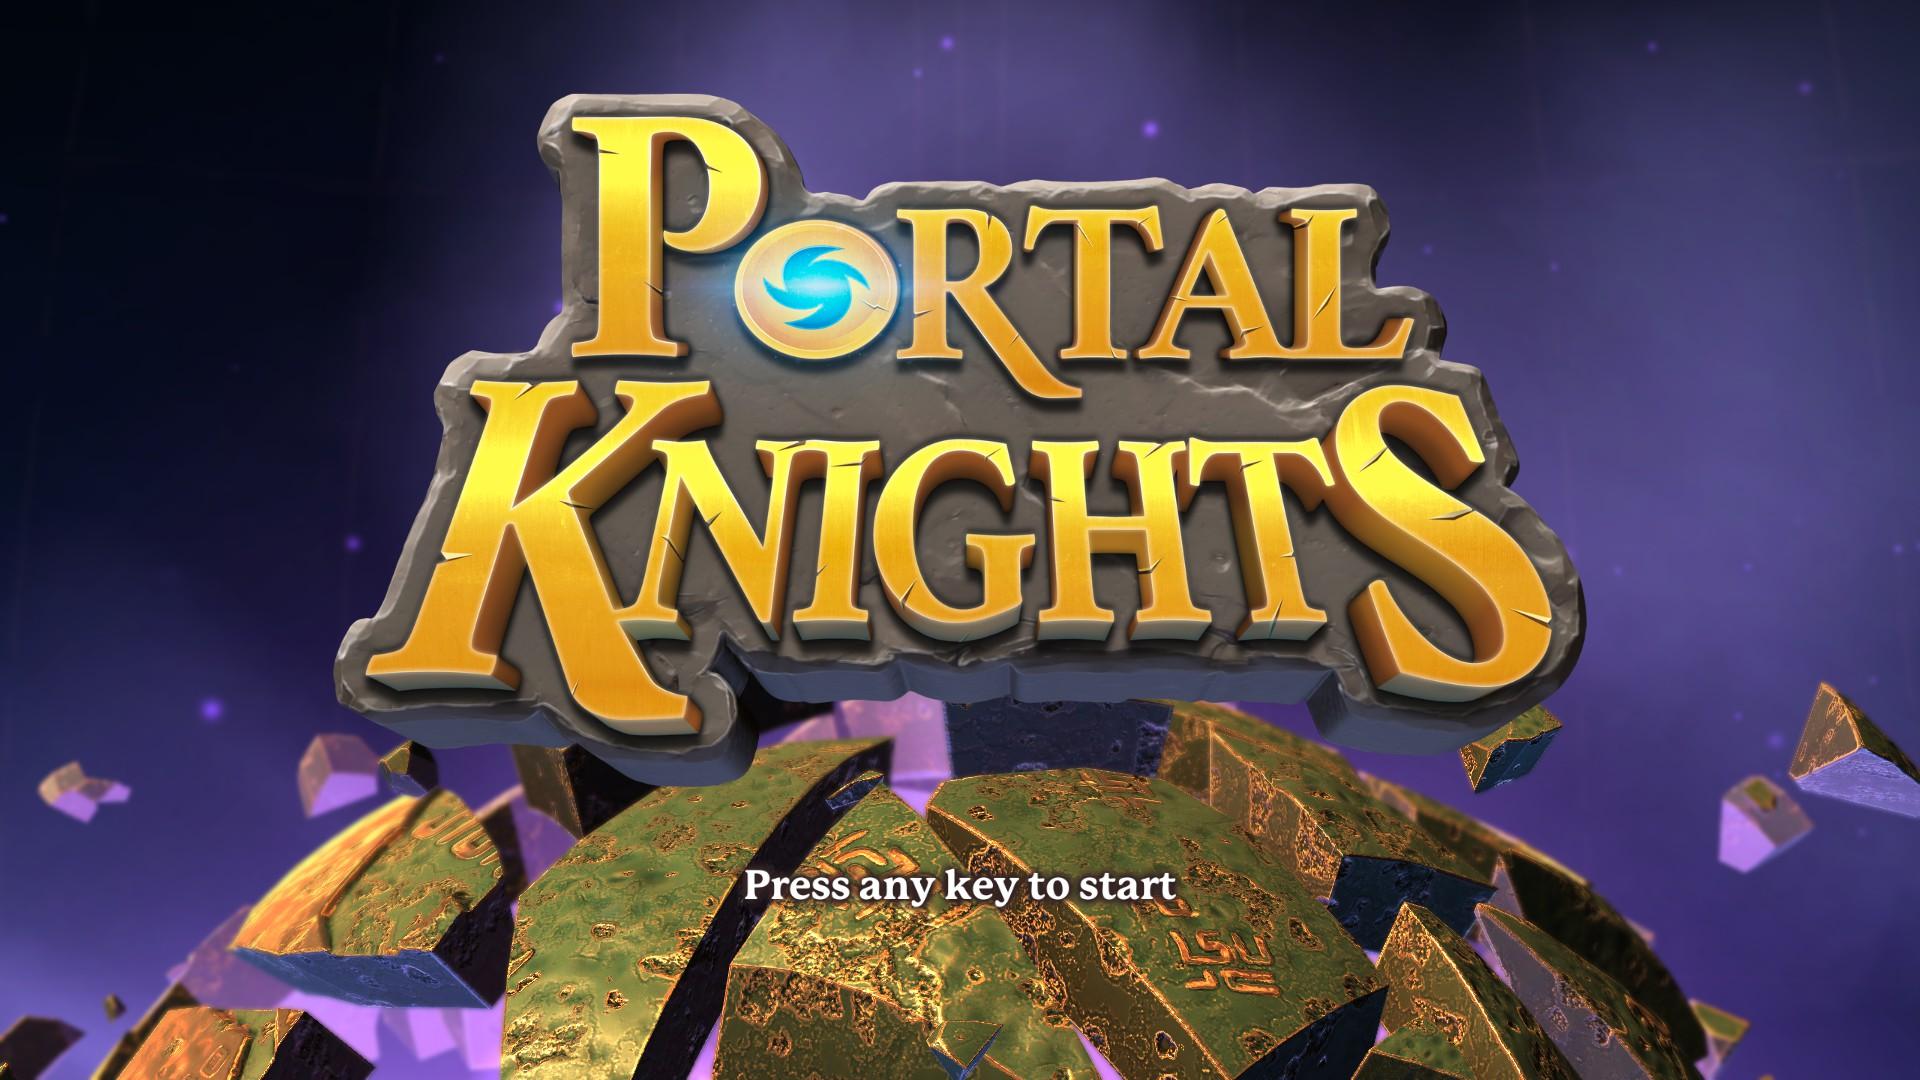 Prtal Knights